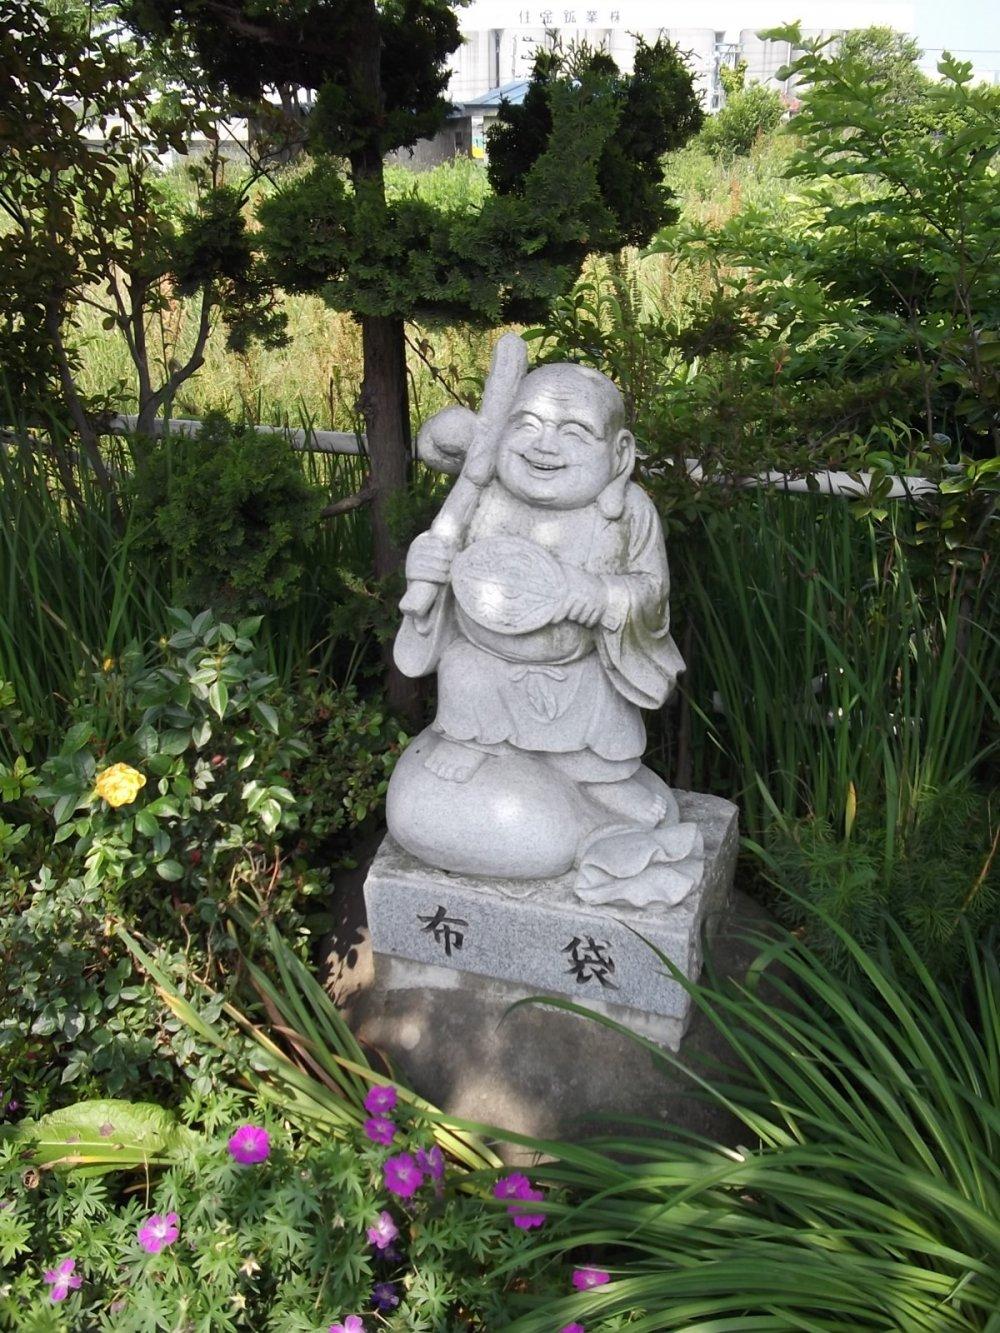 사메 역에서 사원으로 가는 길 옆에 흥미로운 조각상들이 있다.